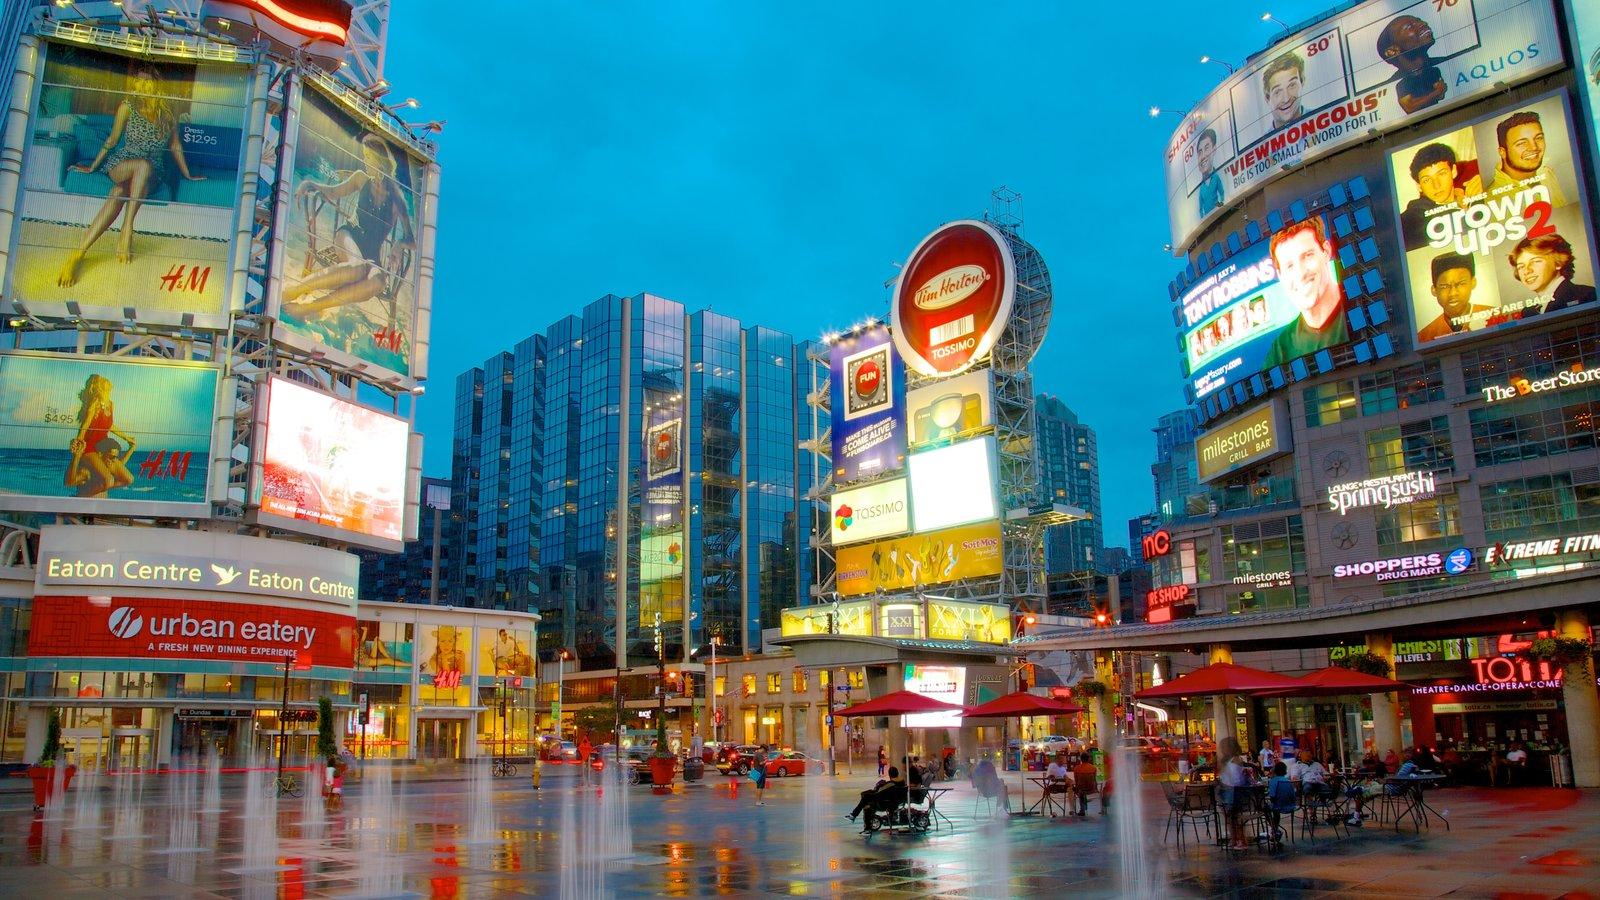 Distrito de compras da Yonge Street que inclui cenas de rua, cbd e uma cidade